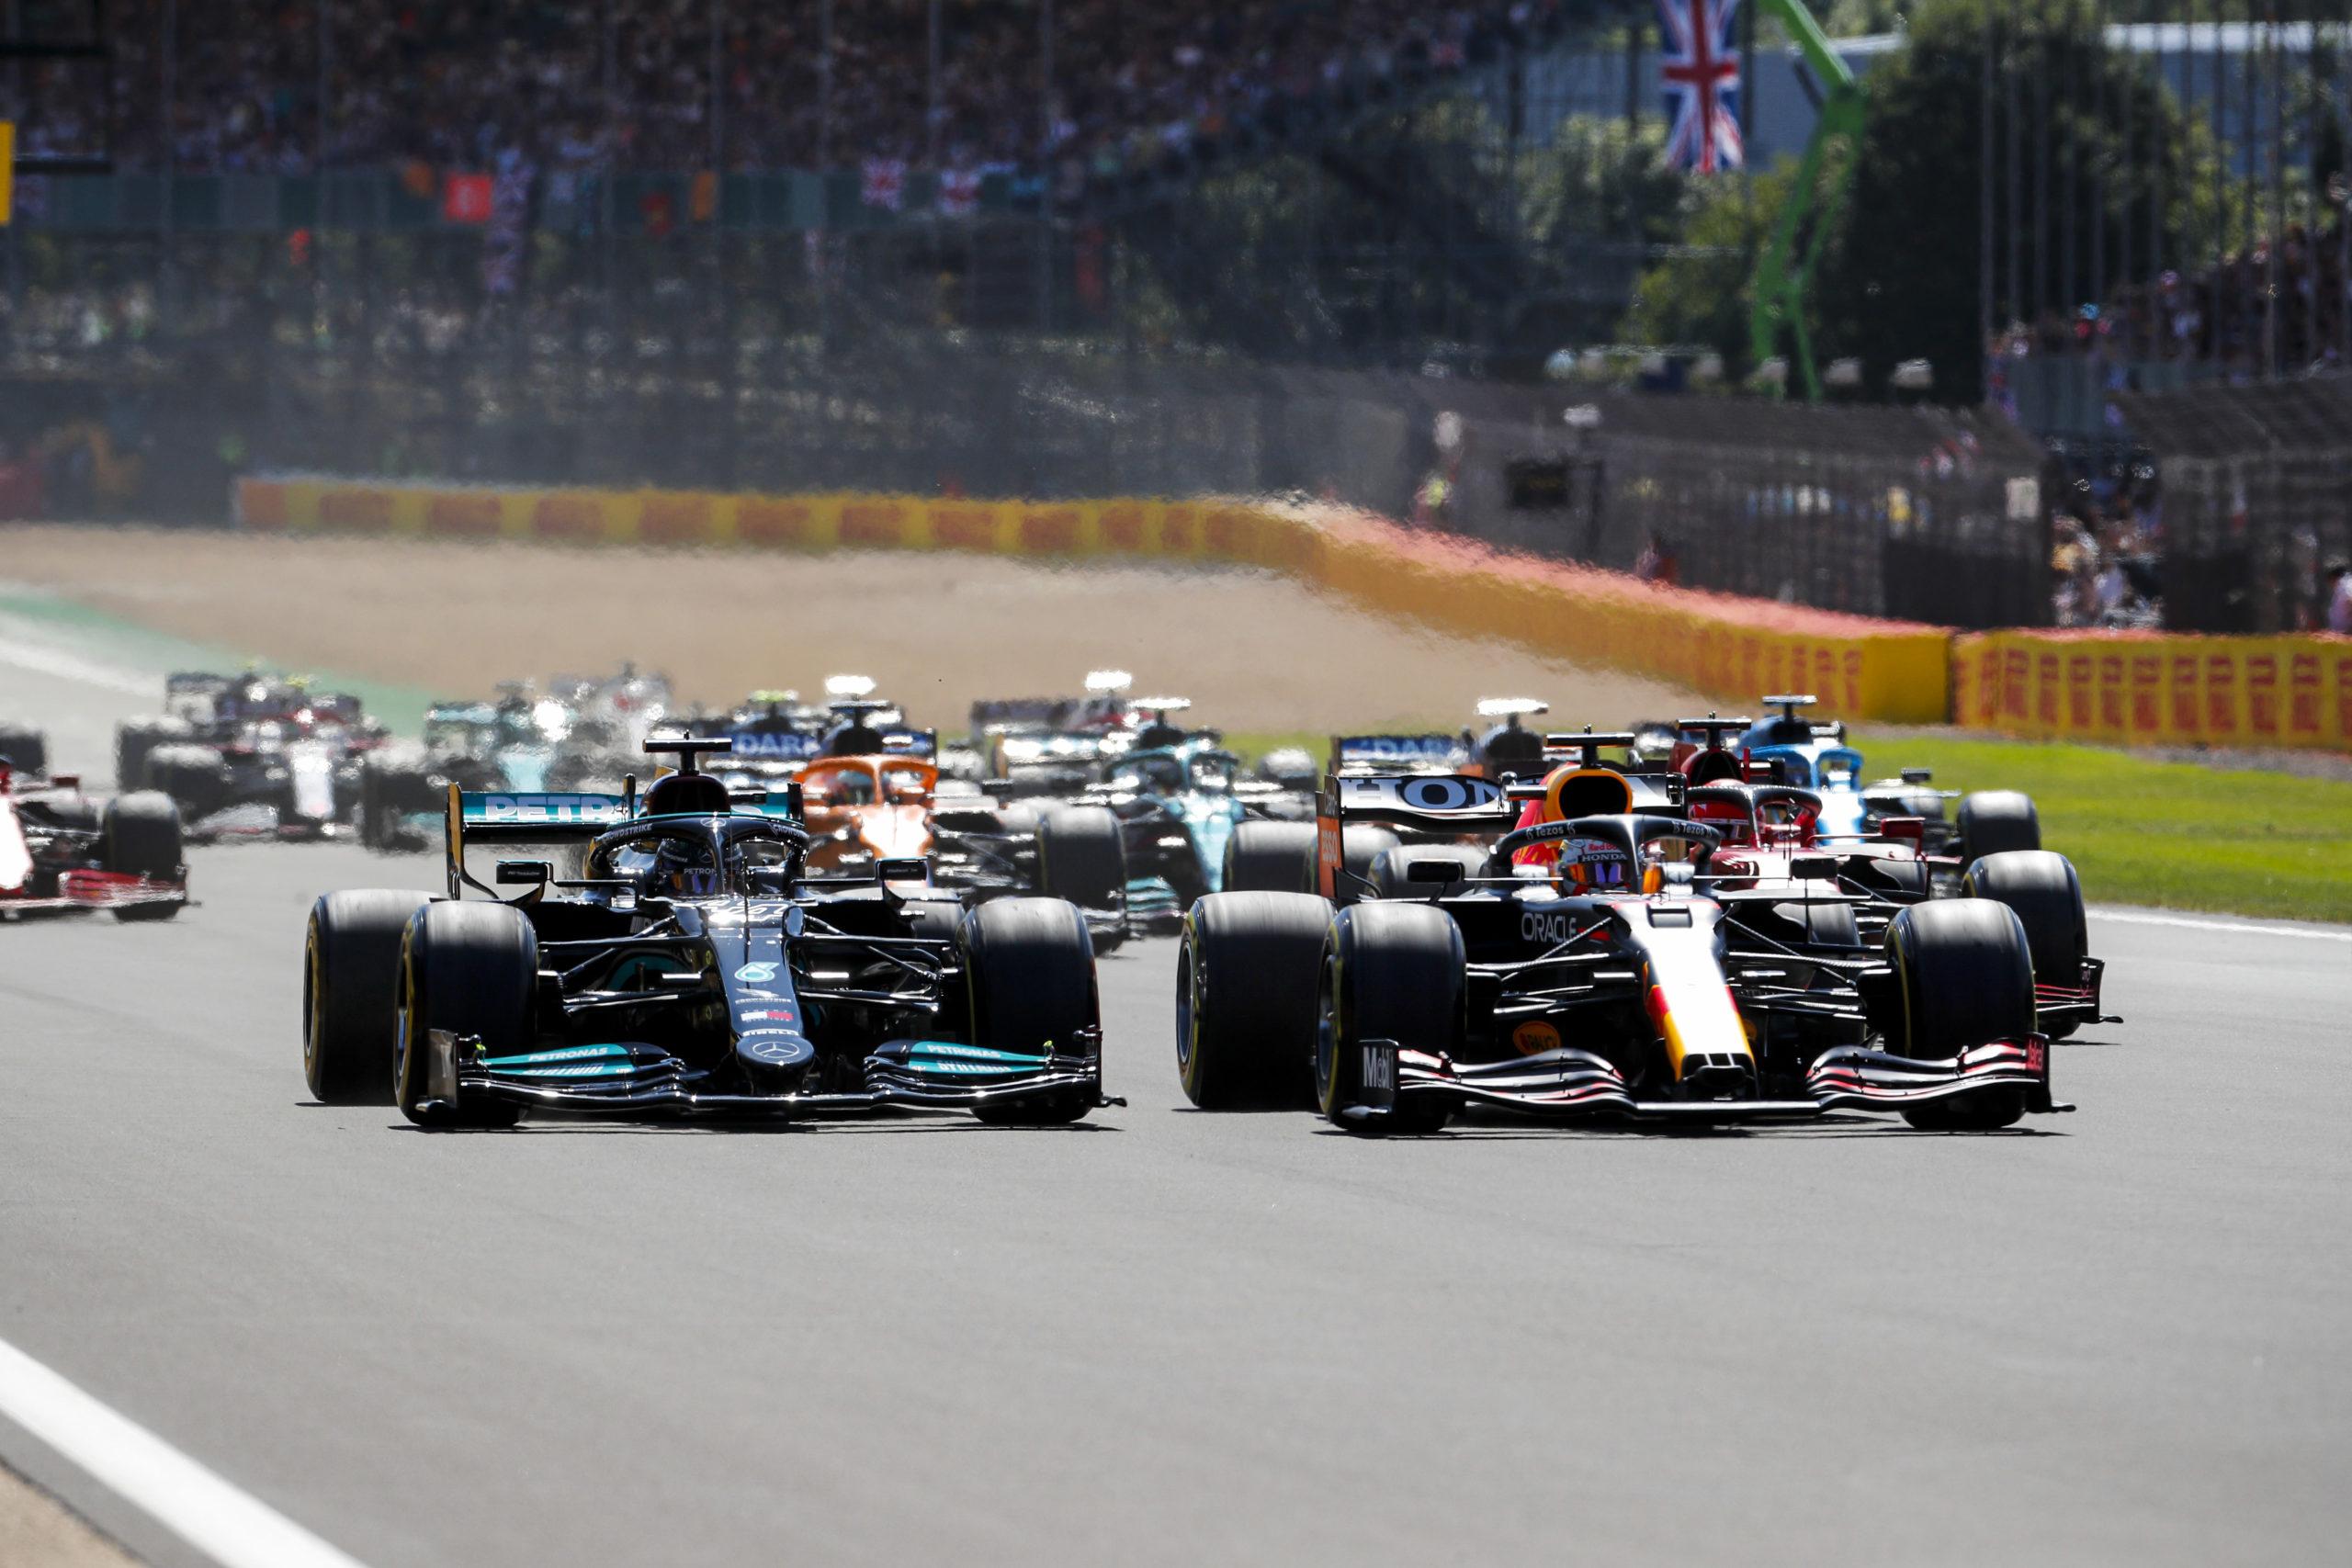 2021 British Grand Prix, Sunday - LAT Images, Lewis Hamilton, Max Verstappen